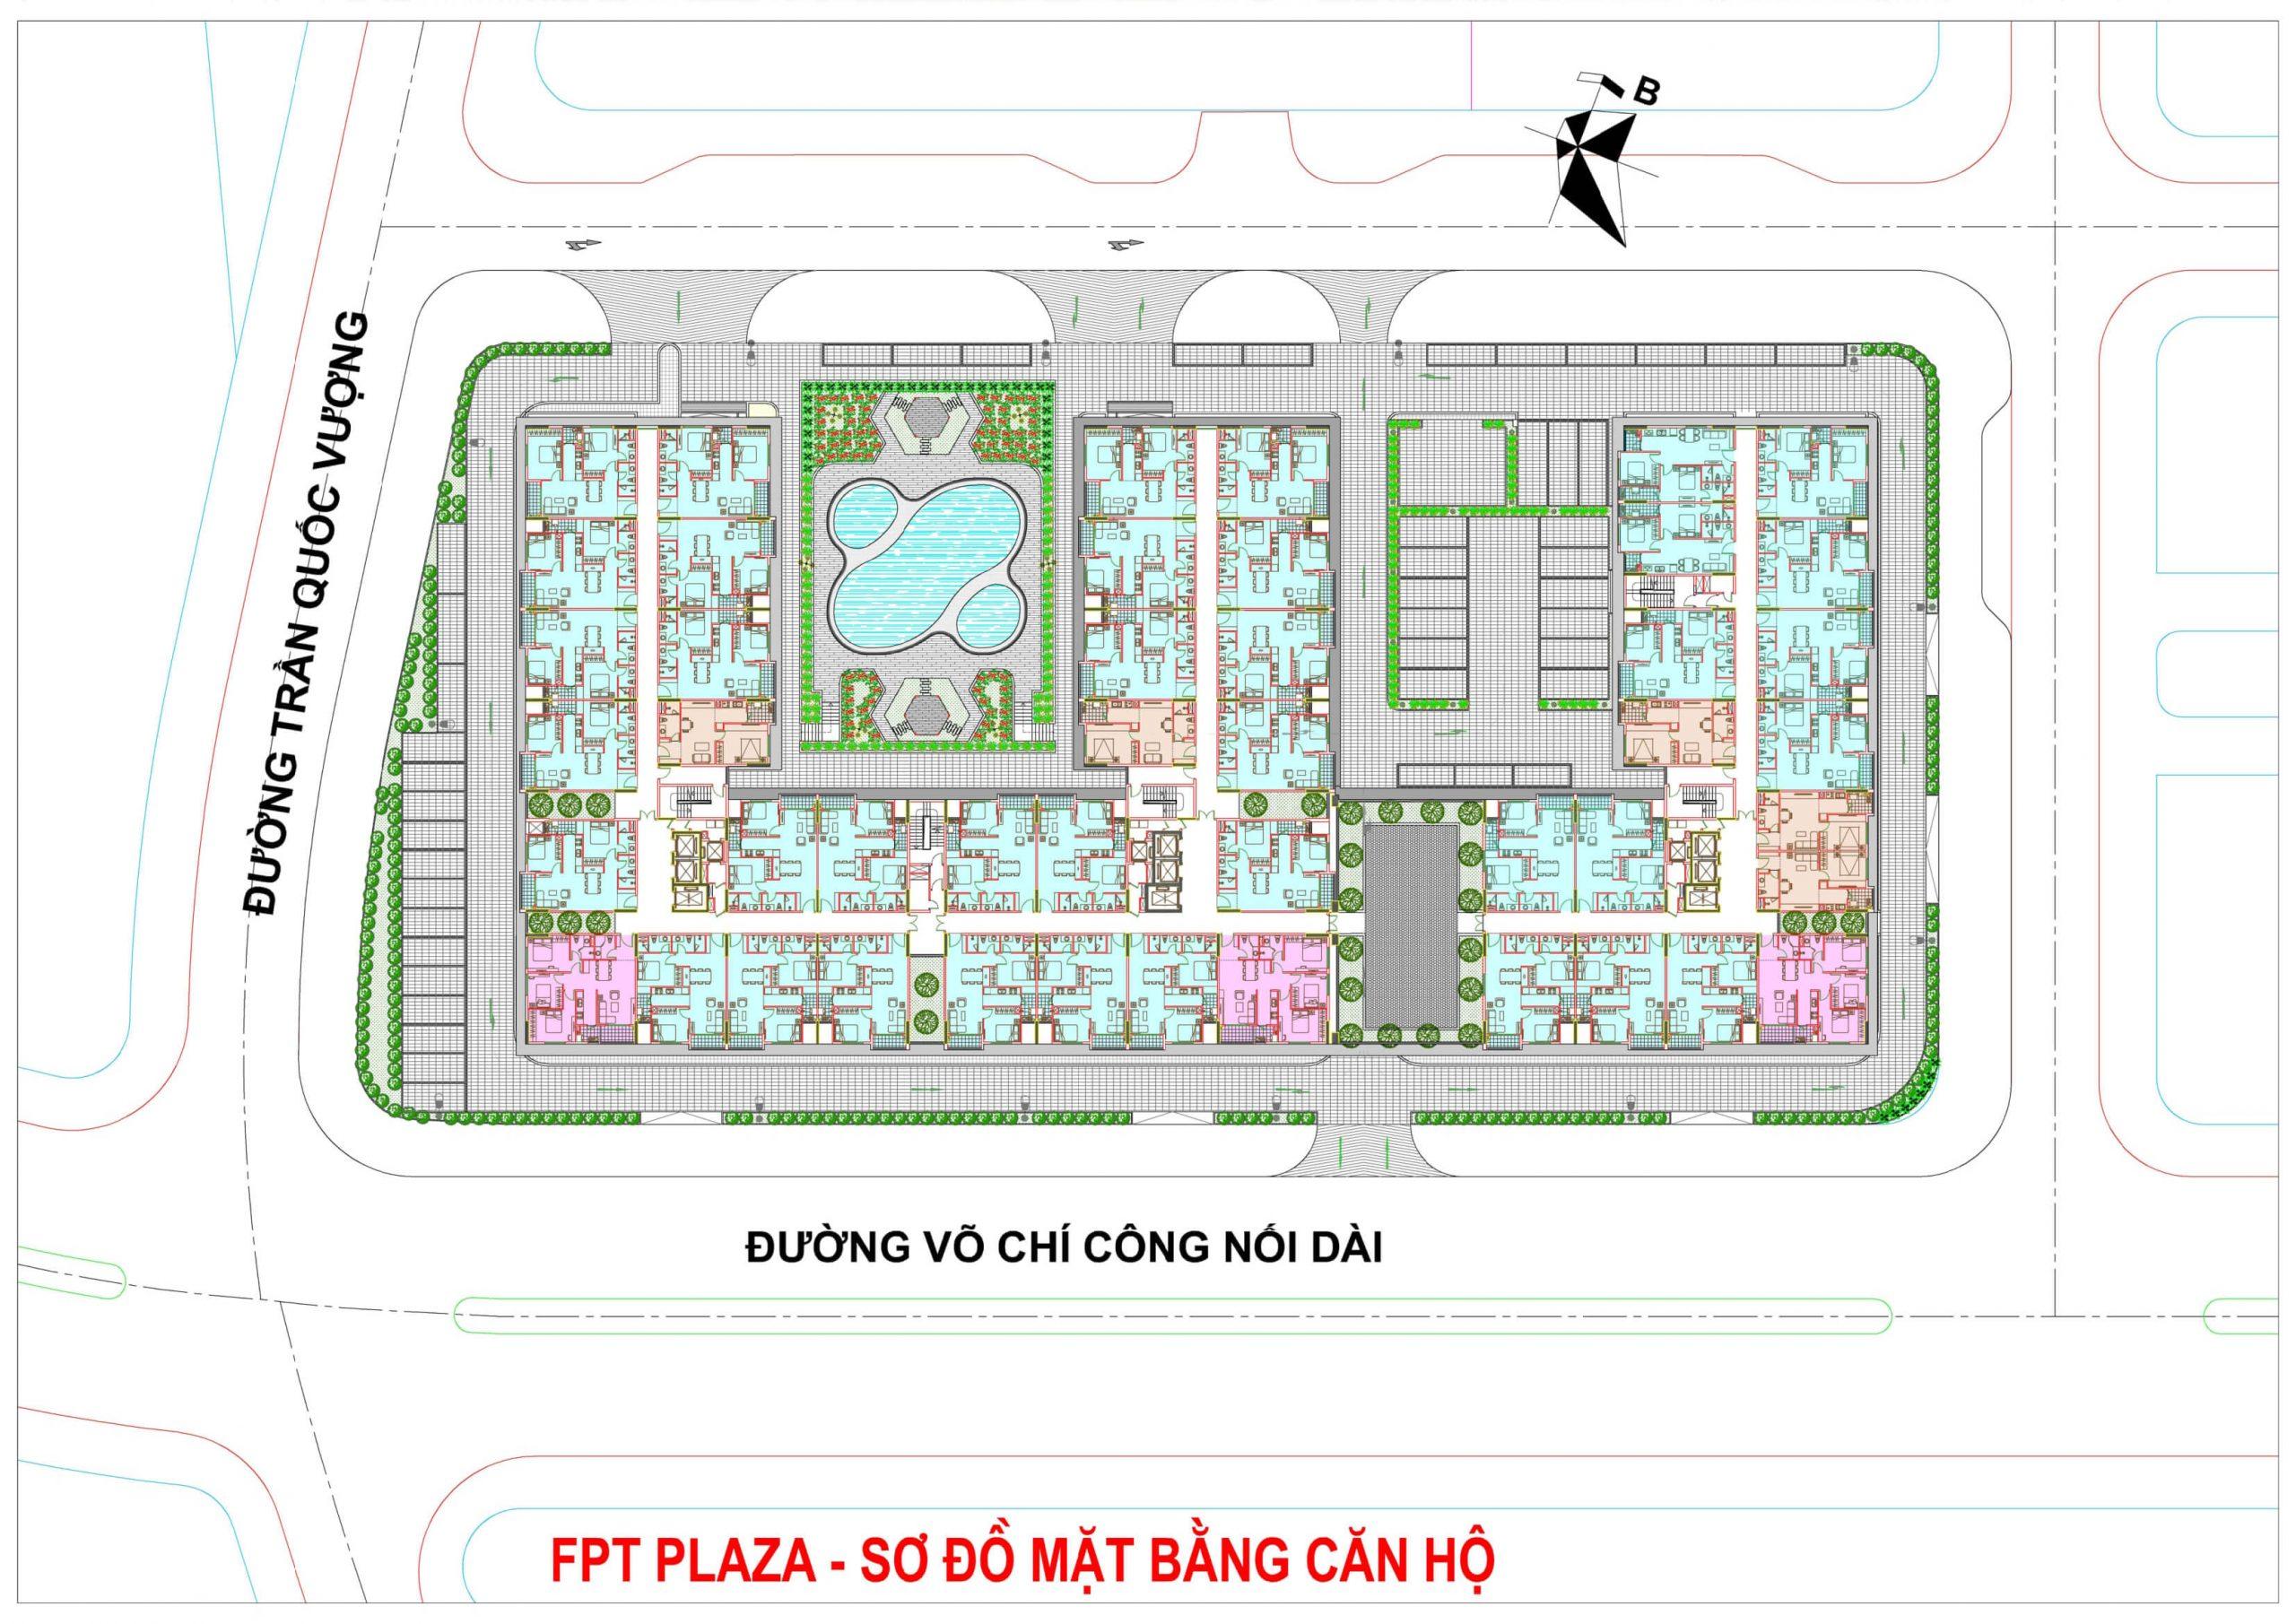 FPT Plaza 1 - Mặt bằng tổng thể